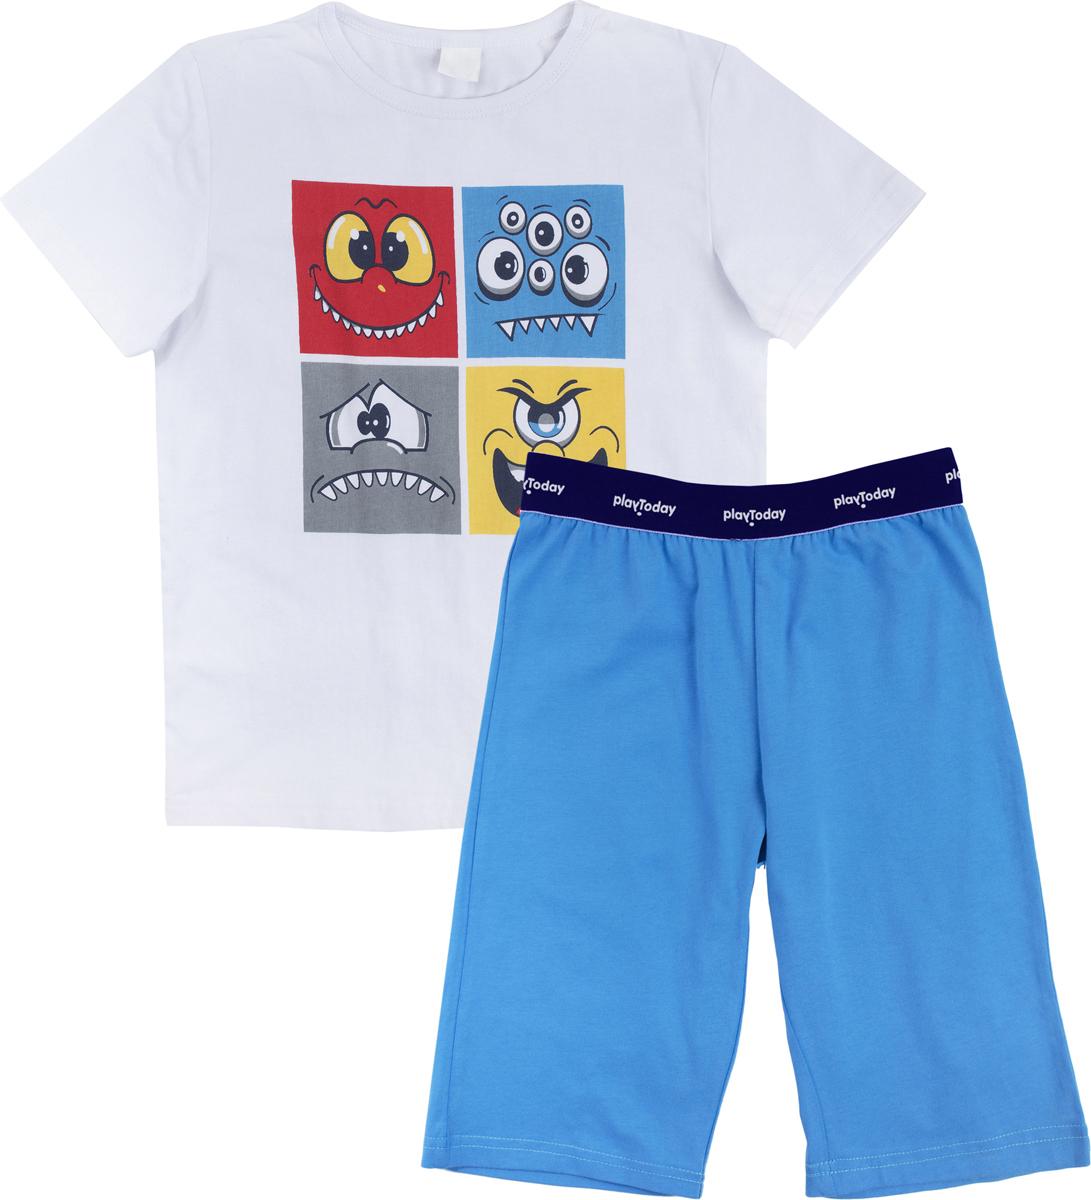 Комплект для мальчика PlayToday Home: футболка, шорты, цвет: голубой, белый, желтый. 185002. Размер 104185002Комплект из натурального трикотажа. Пояс шорт на широкой резинке, не сдавливающей живот ребенка. Горловина футболки оформлена мягкой трикотажной резинкой. В качестве декора использован крупный водный принт.